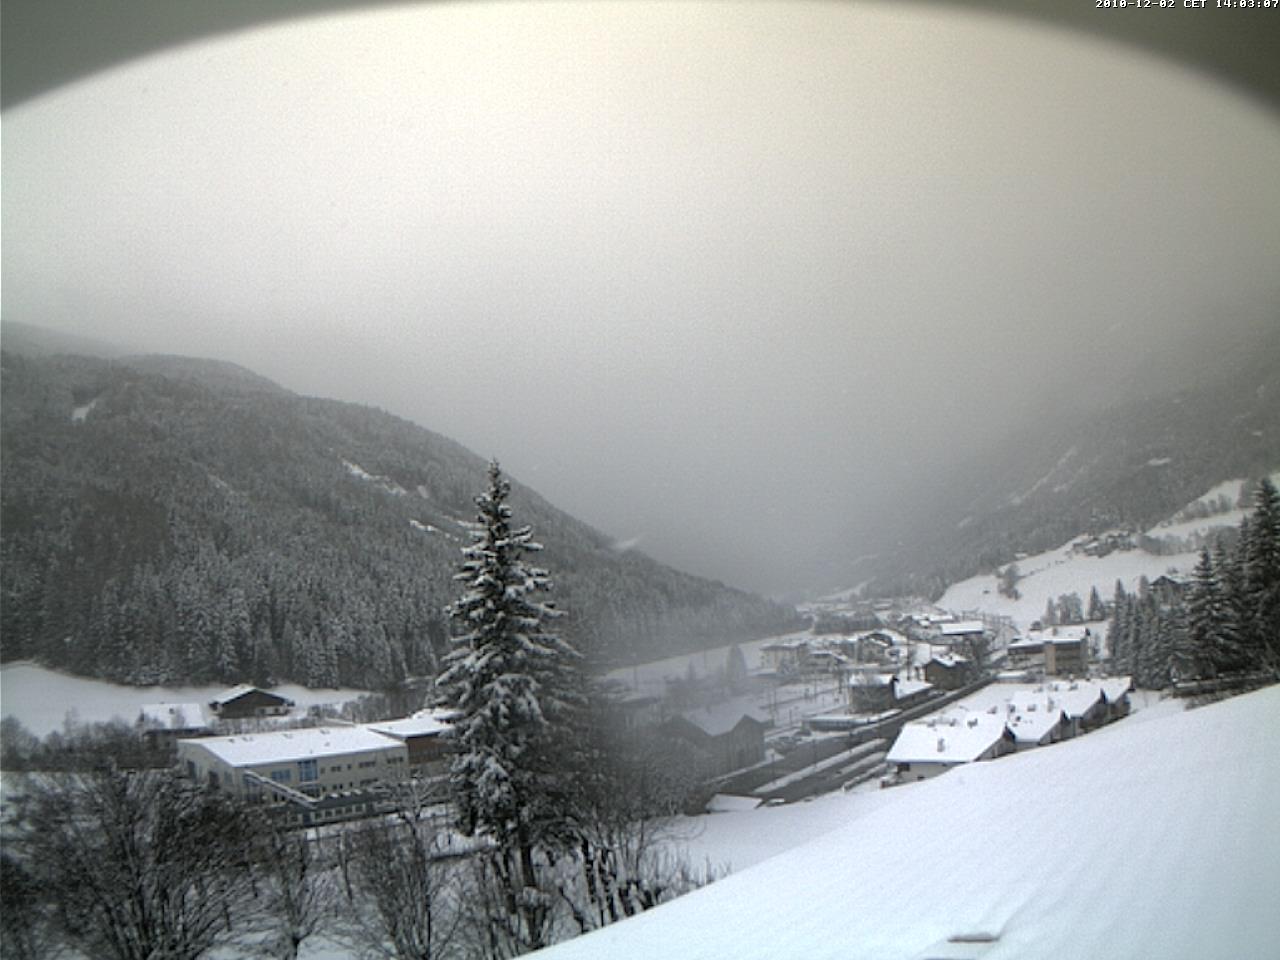 Webcam Gossensas - Pflersch Valley